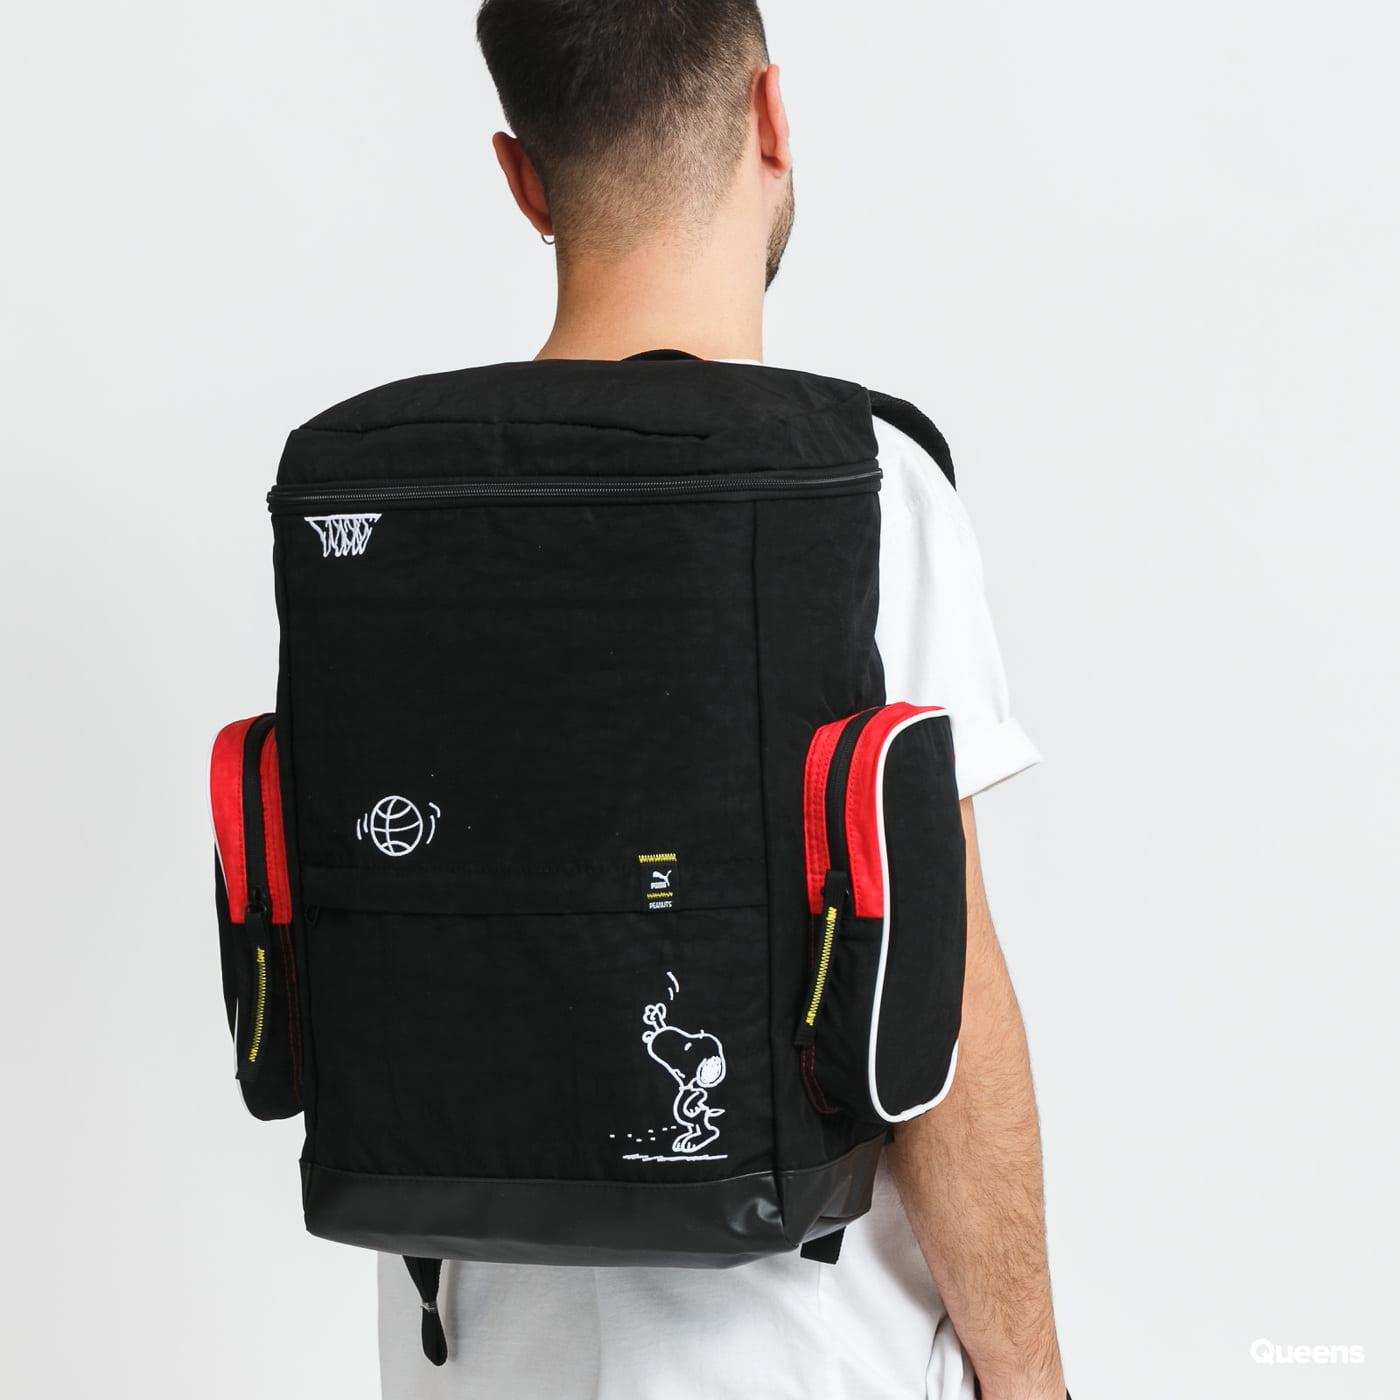 Puma Puma x Peanuts Backpack black